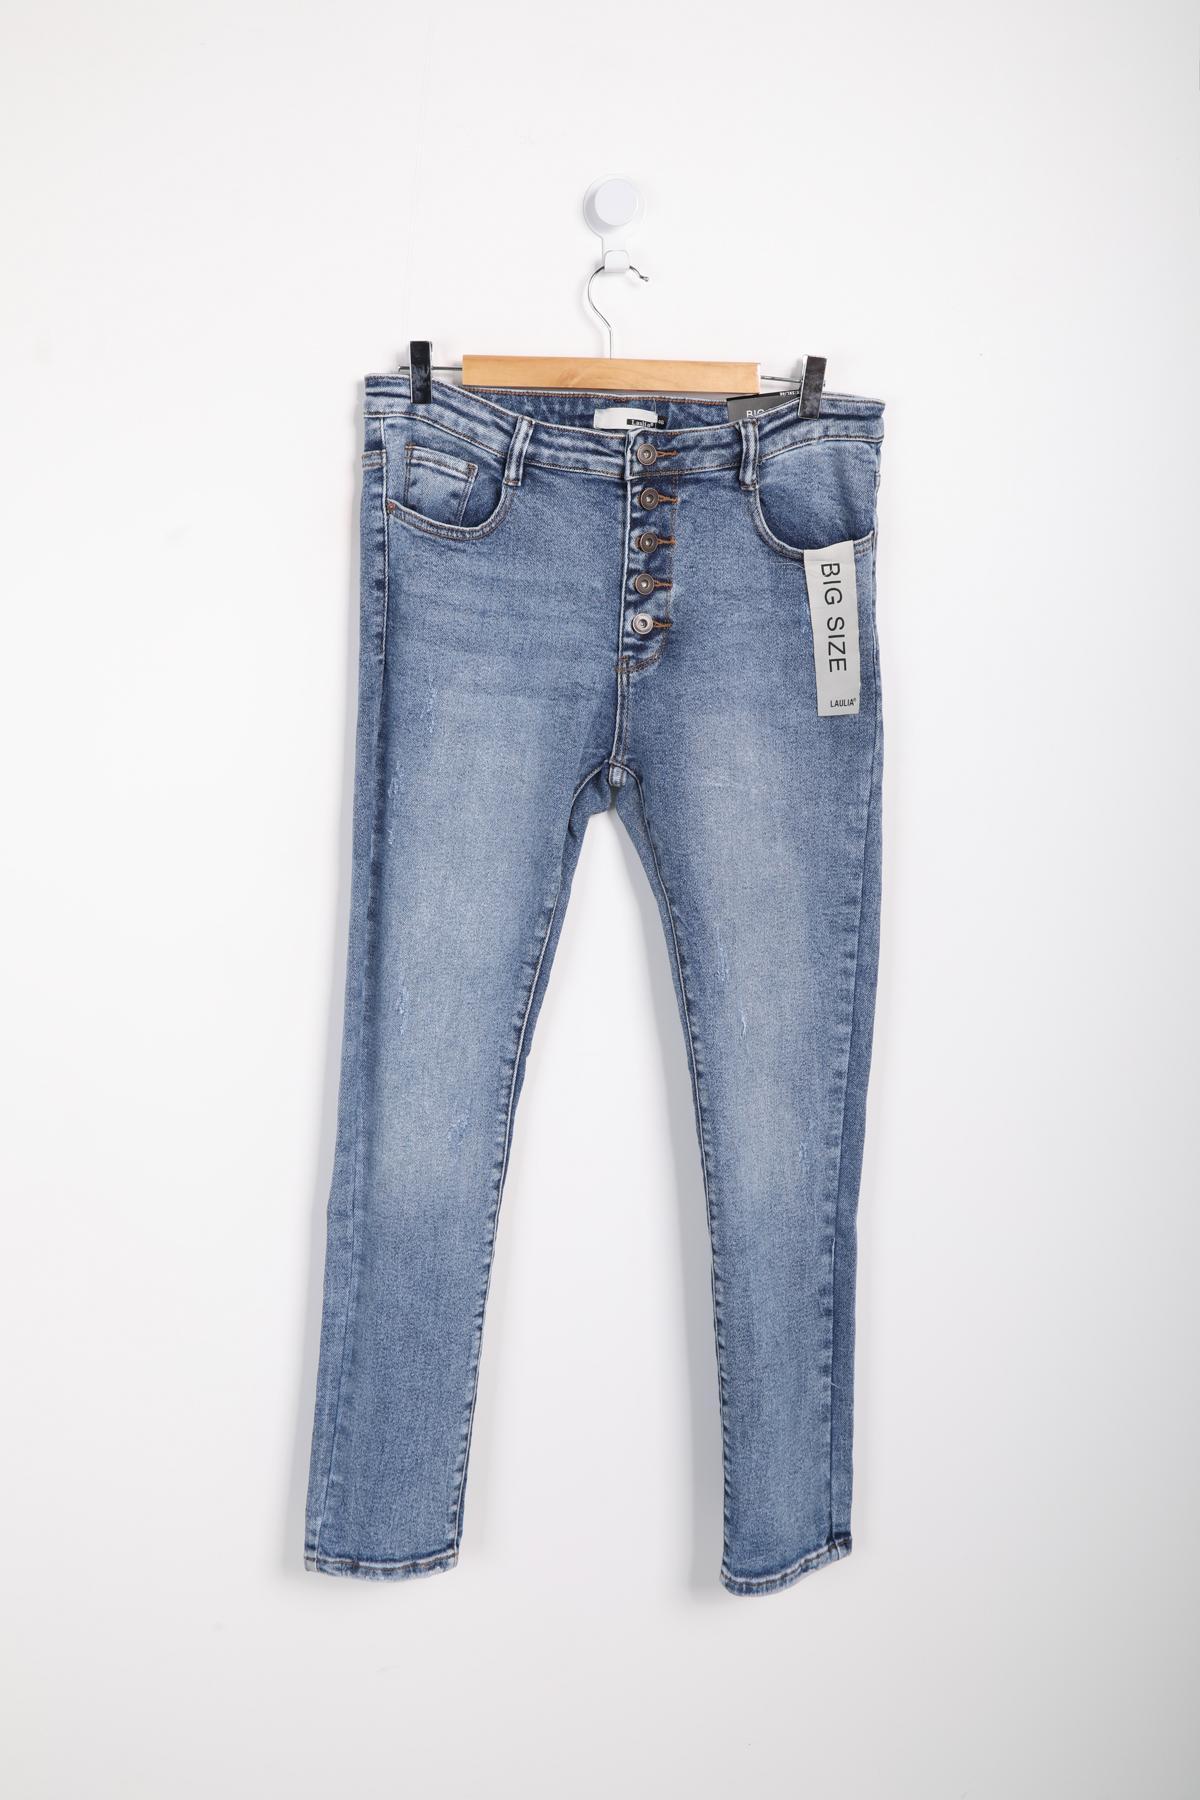 Jeans Femme Bleu Laulia 1J407 #c eFashion Paris